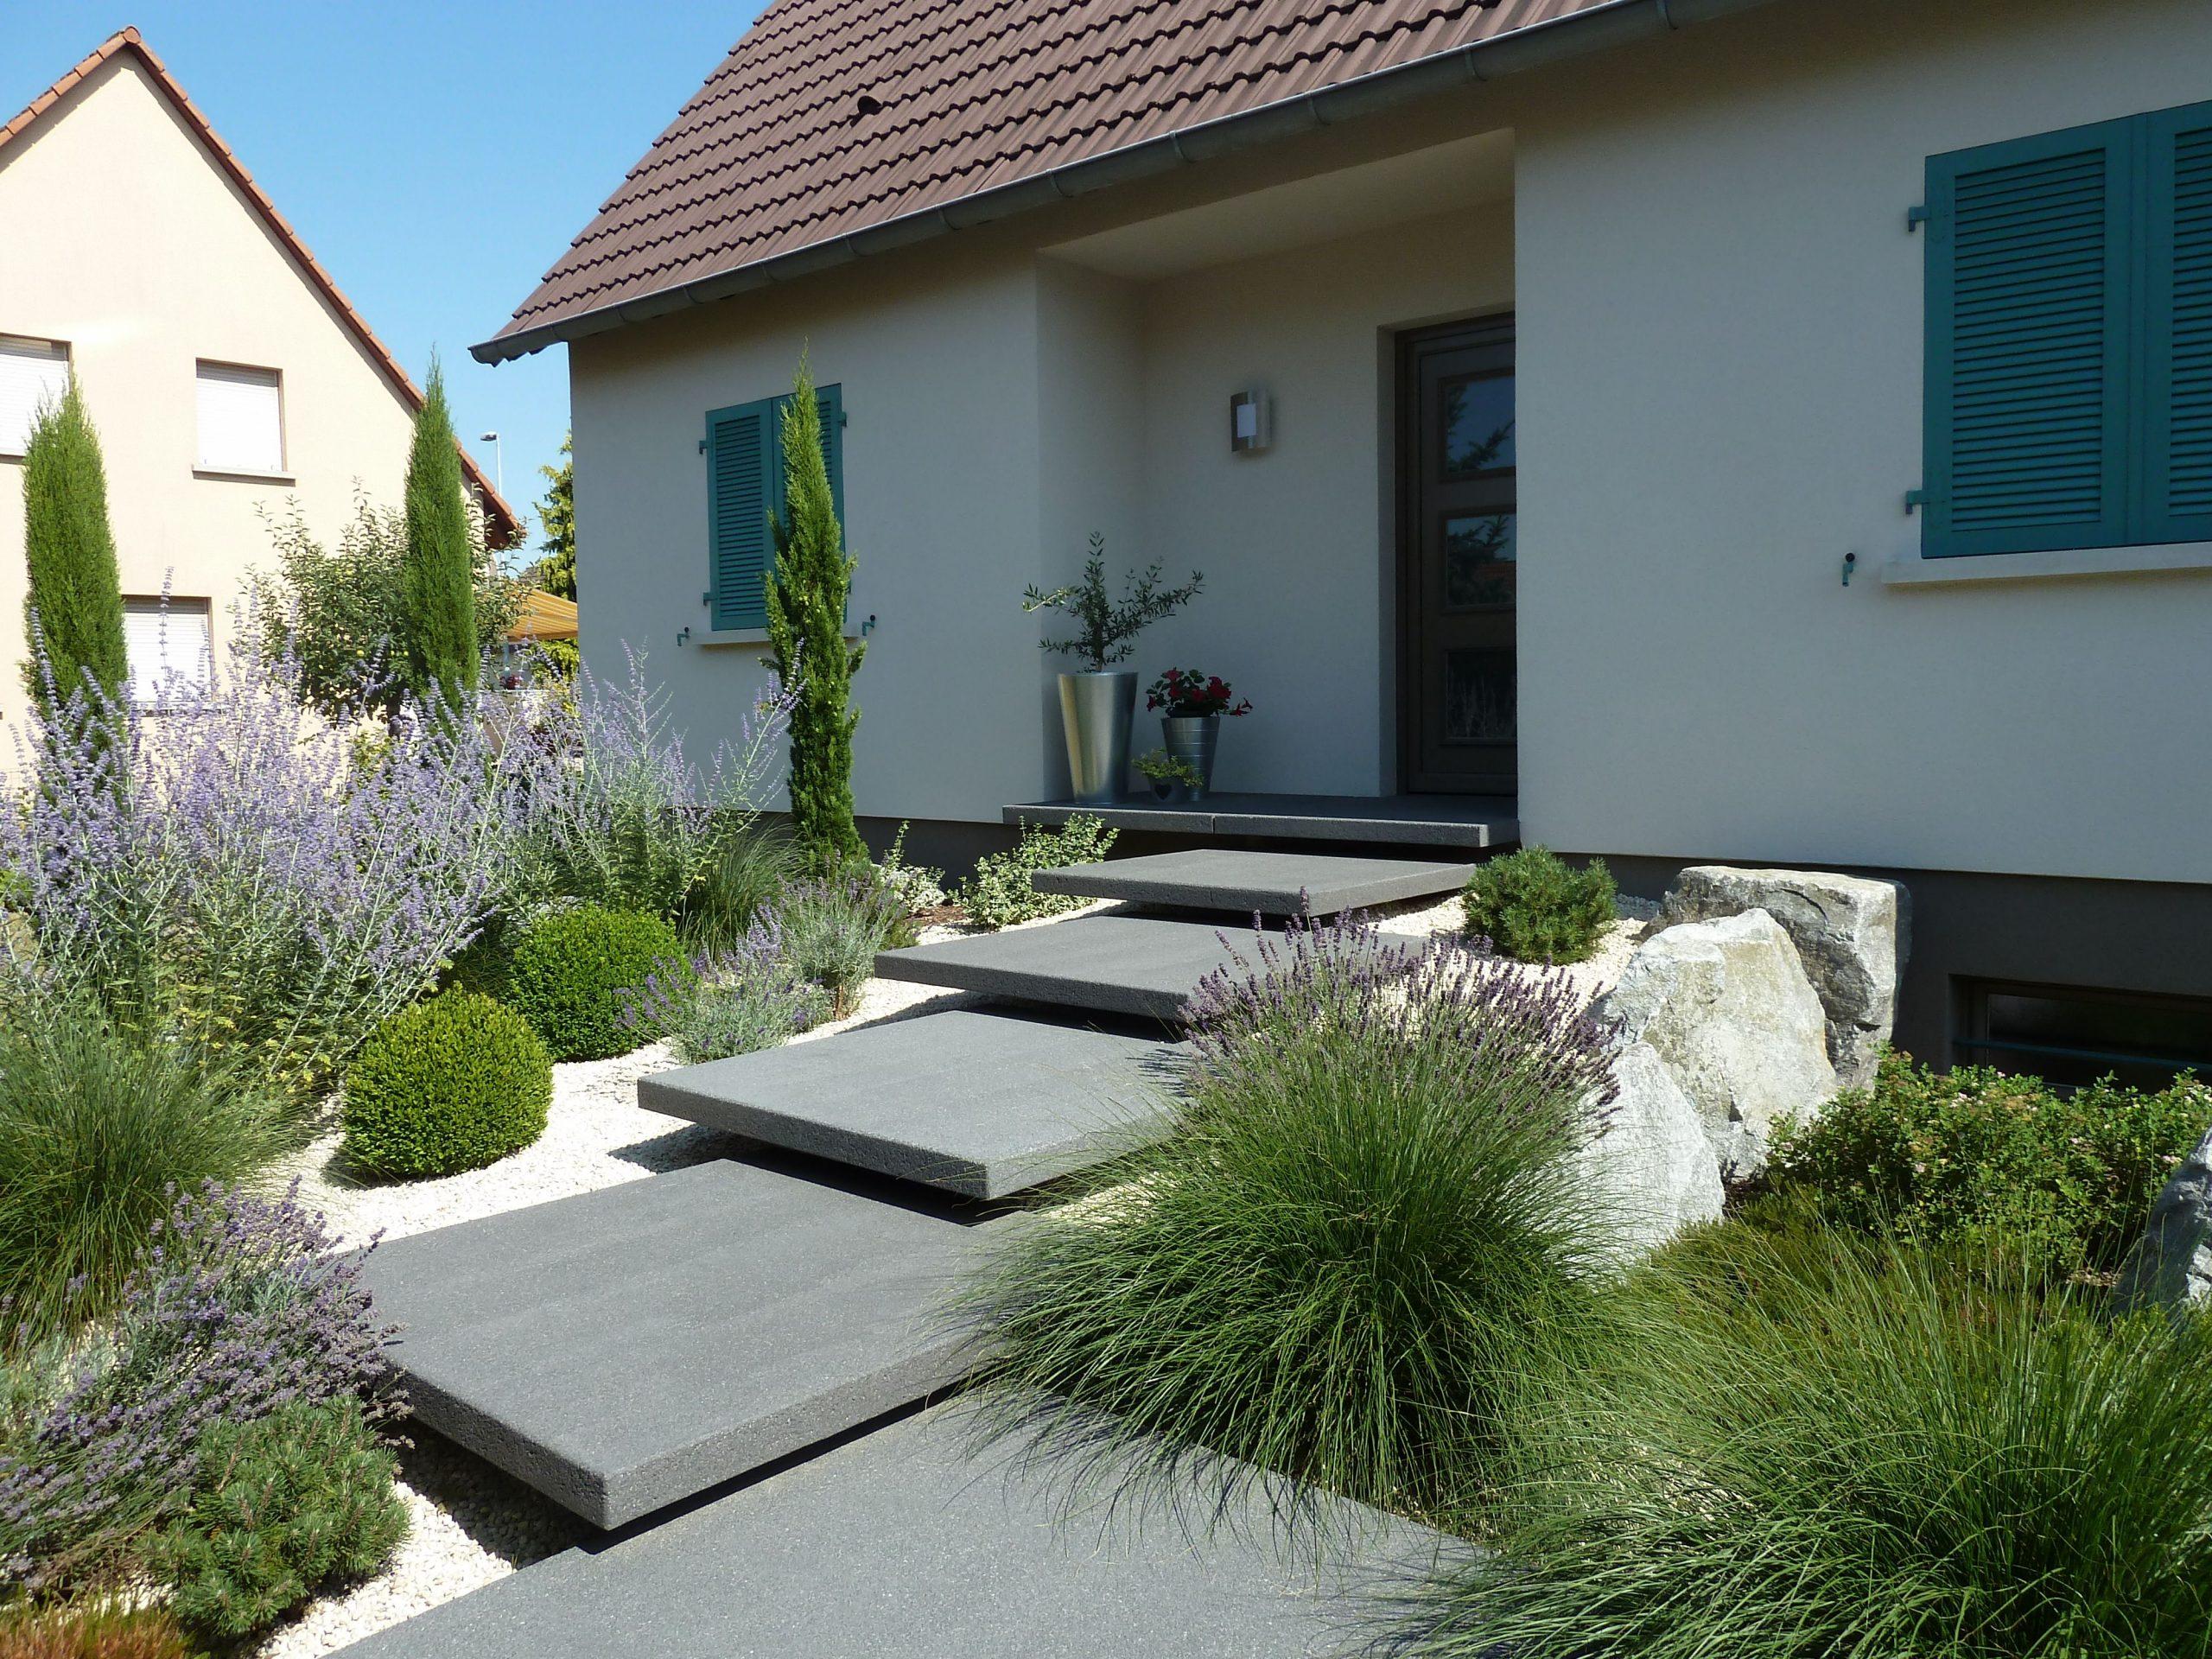 Légèreté Et Élégance Caractérisent Cet Escalier D'Entrée ... tout Jardin Devant Maison Moderne